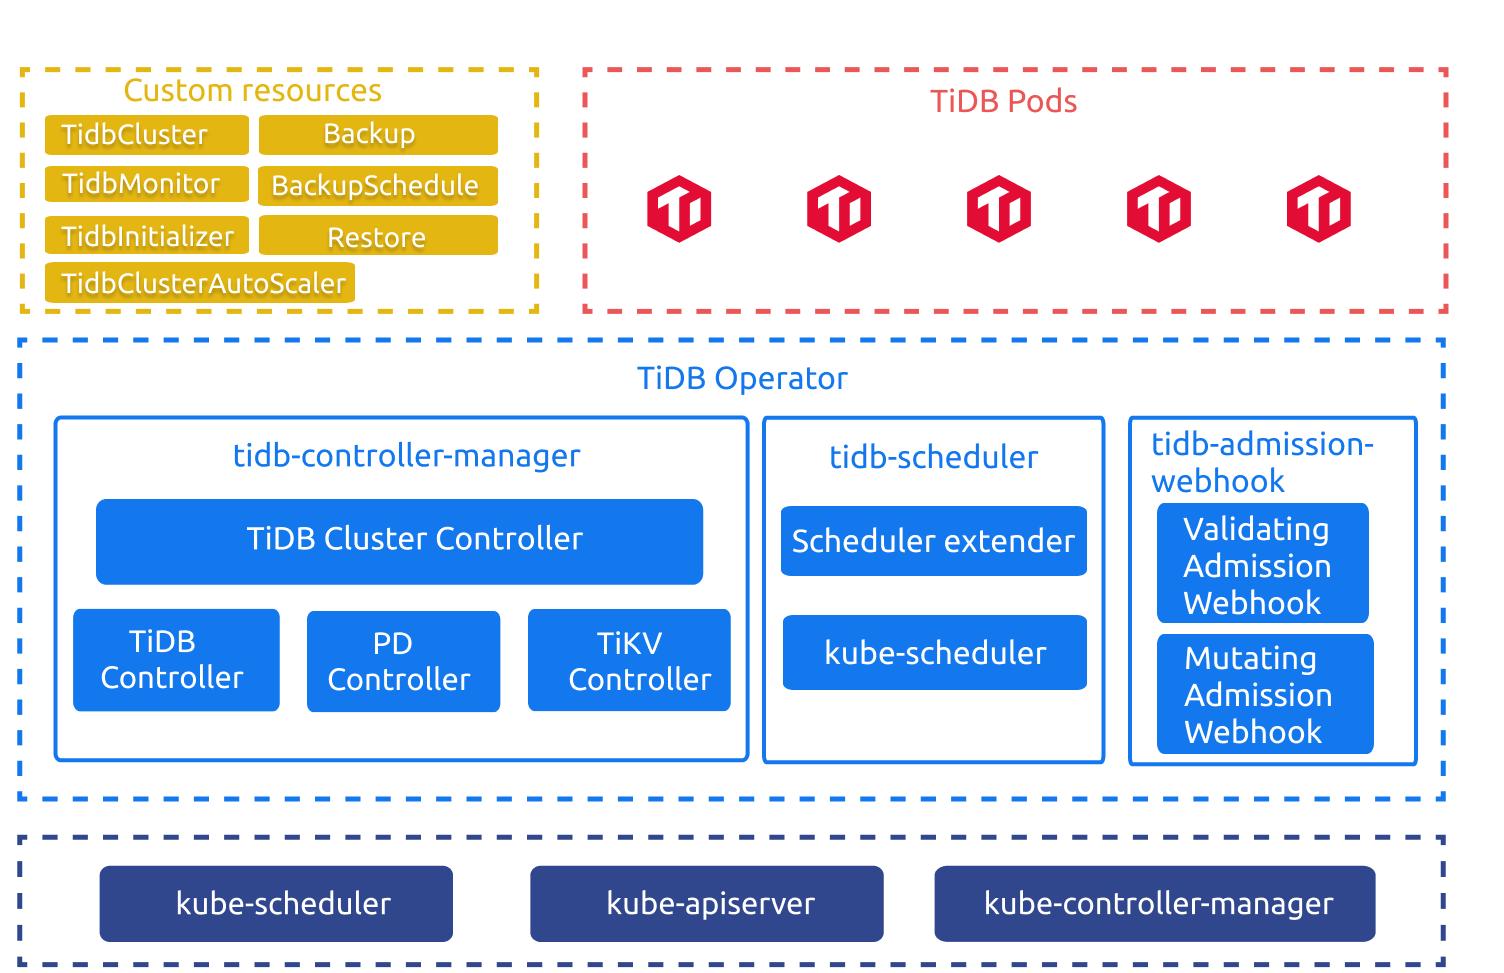 TiDB Operator v1.1 architecture